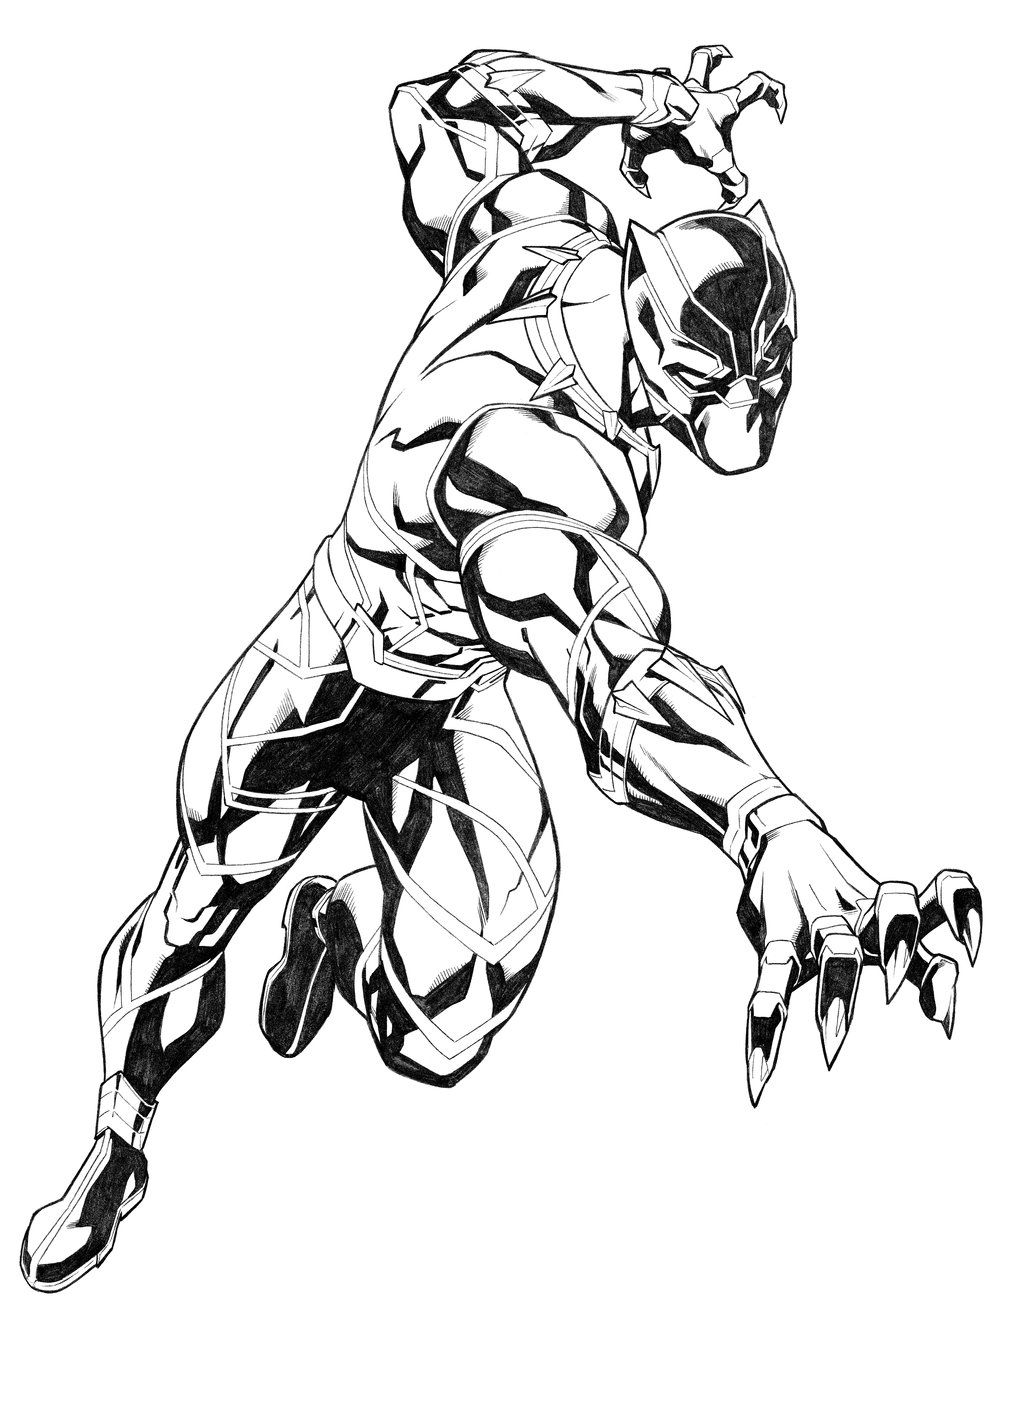 Black Panther by CarlosGomezArtist on DeviantArt | Black panther ...